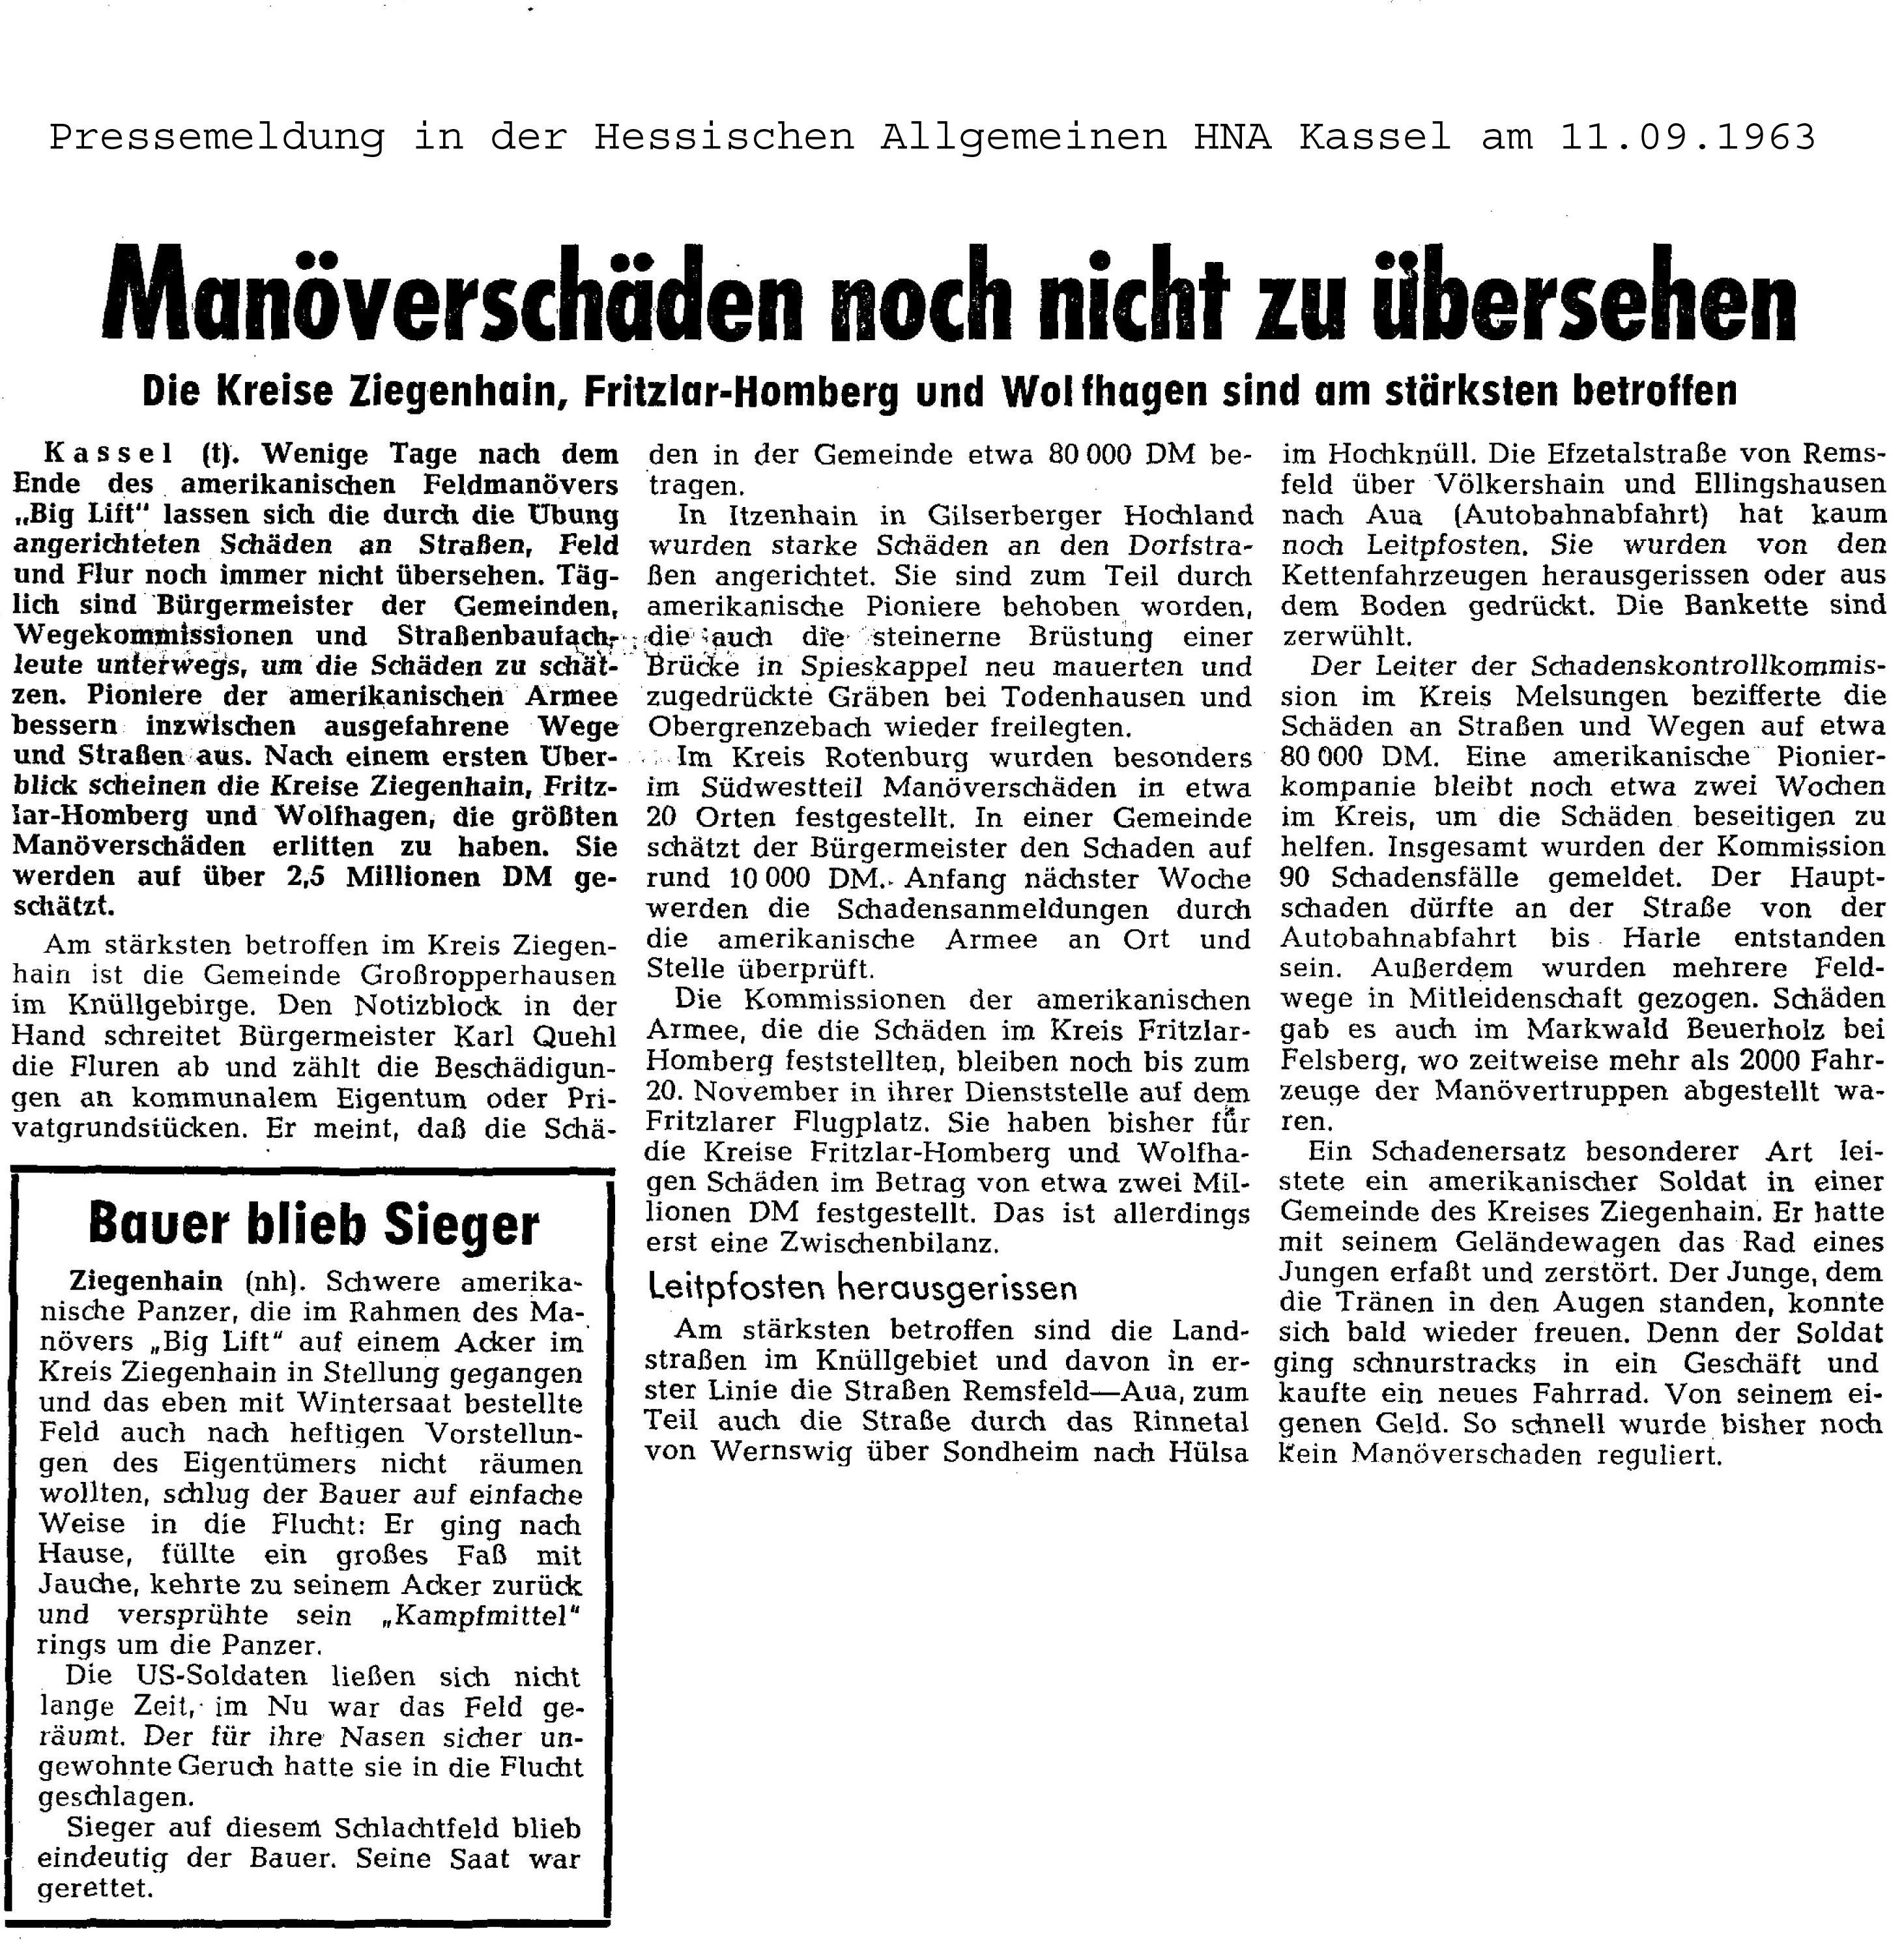 HNA-KS_1963-11-09_015 BigLift